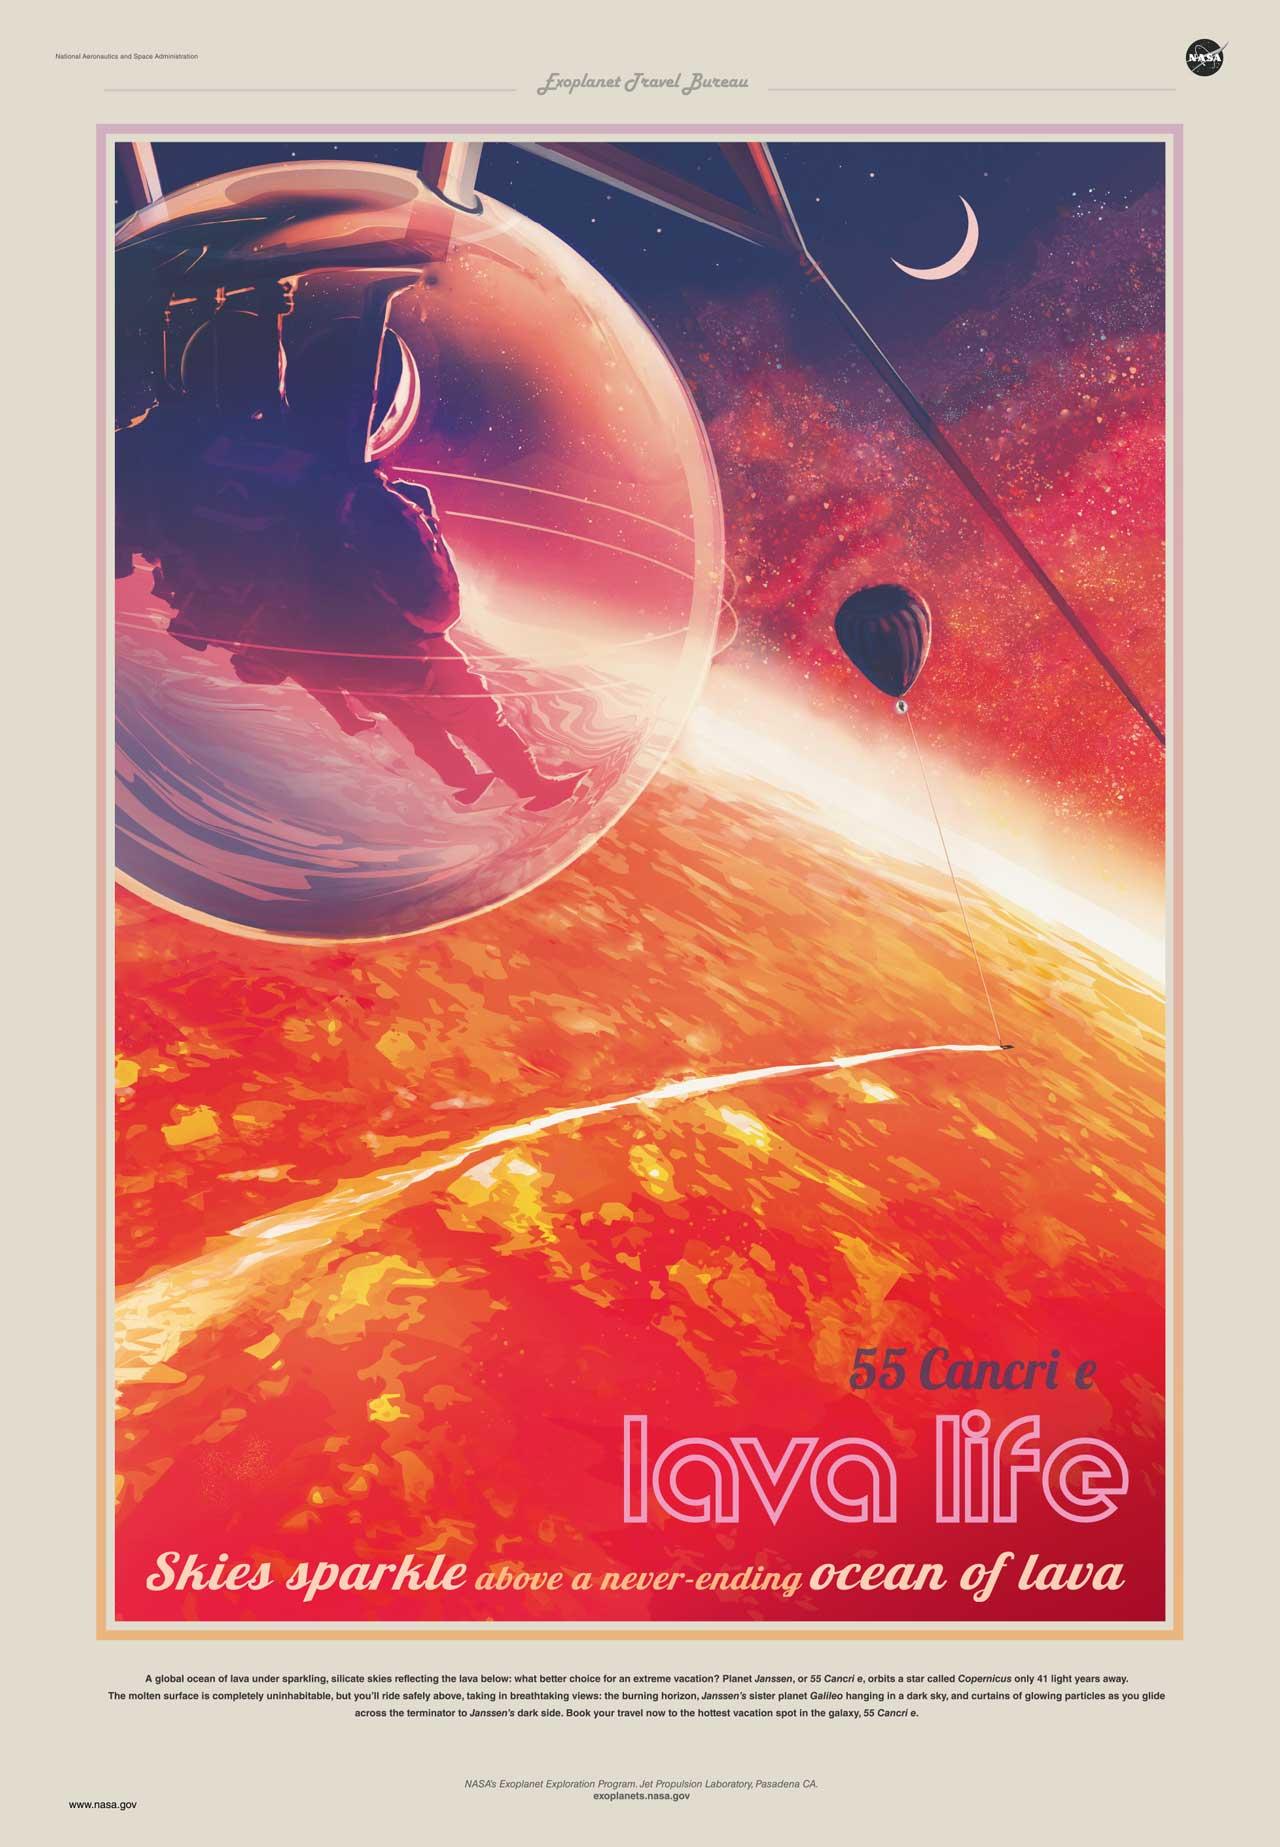 1. Небеса сверкают над бесконечным океаном лавы. Планета 55 Рака e. Источник https://exoplanets.nasa.gov/resources/2207/55-cancri-e-skies-sparkle-above-a-never-ending-ocean-of-lava/